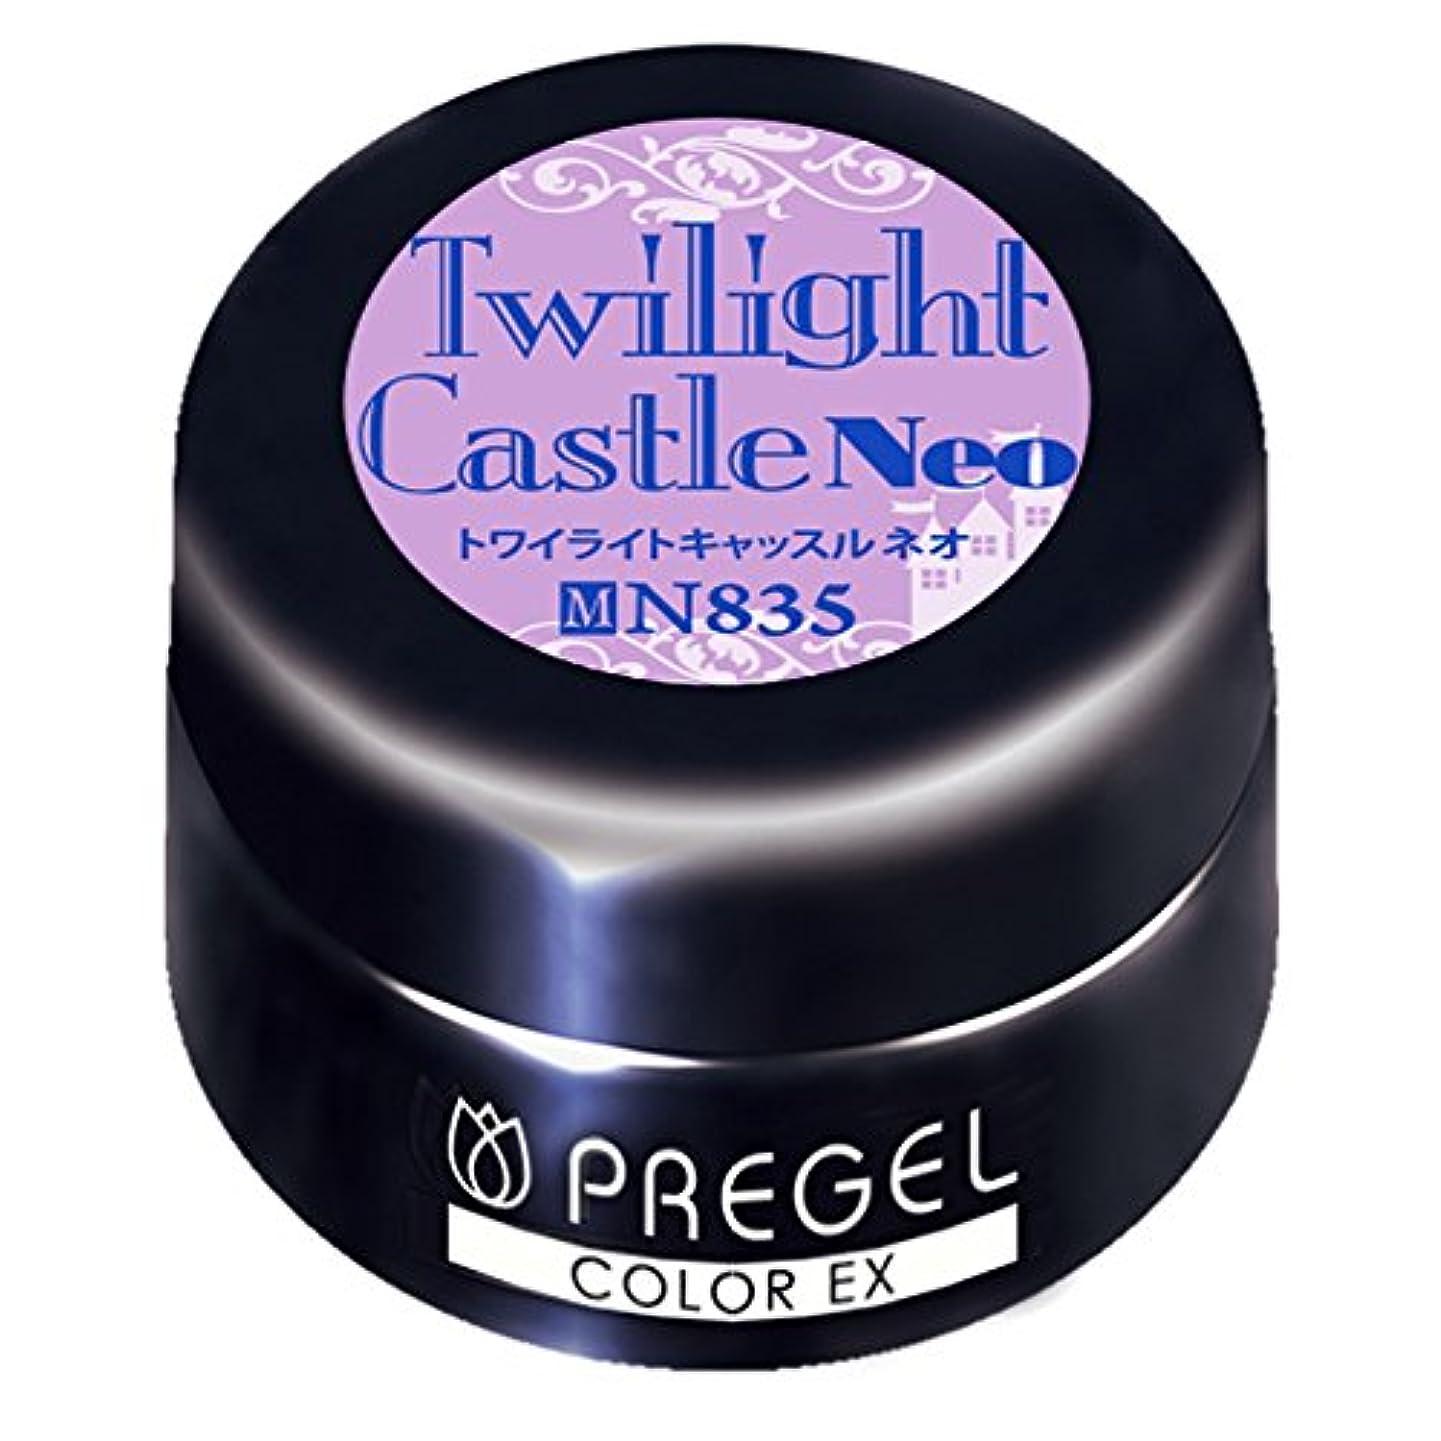 気をつけて見える濃度PRE GEL カラーEX トワイライトキャッスルneo835 3g UV/LED対応